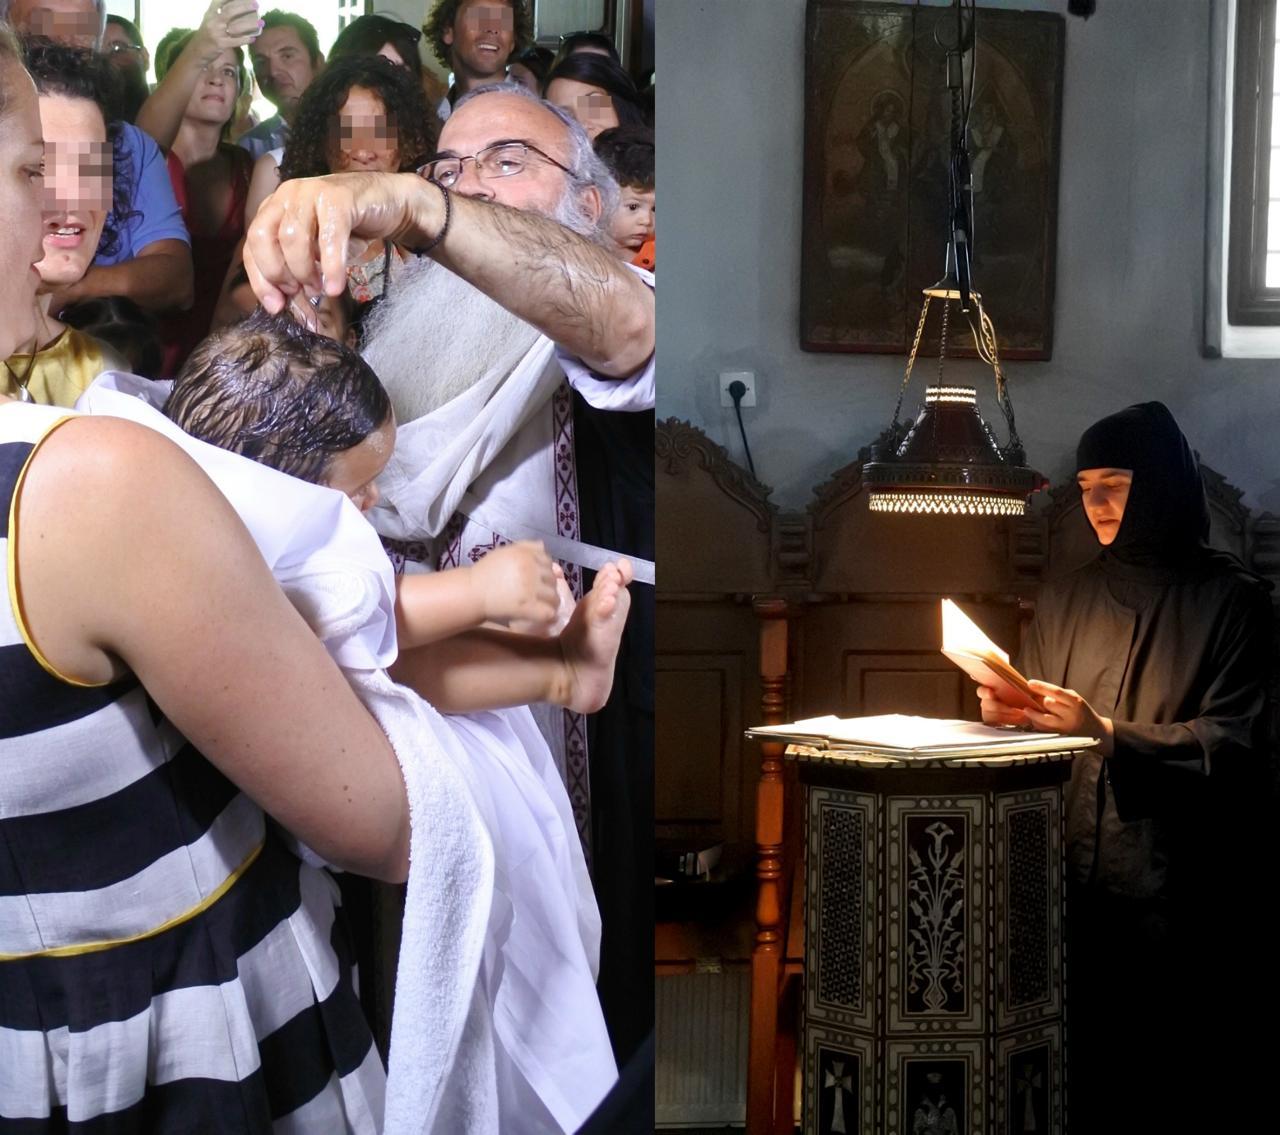 髪の毛を切る司教。以外といっぱいw 式の間、聖歌を唱えてくださっていた尼僧さん